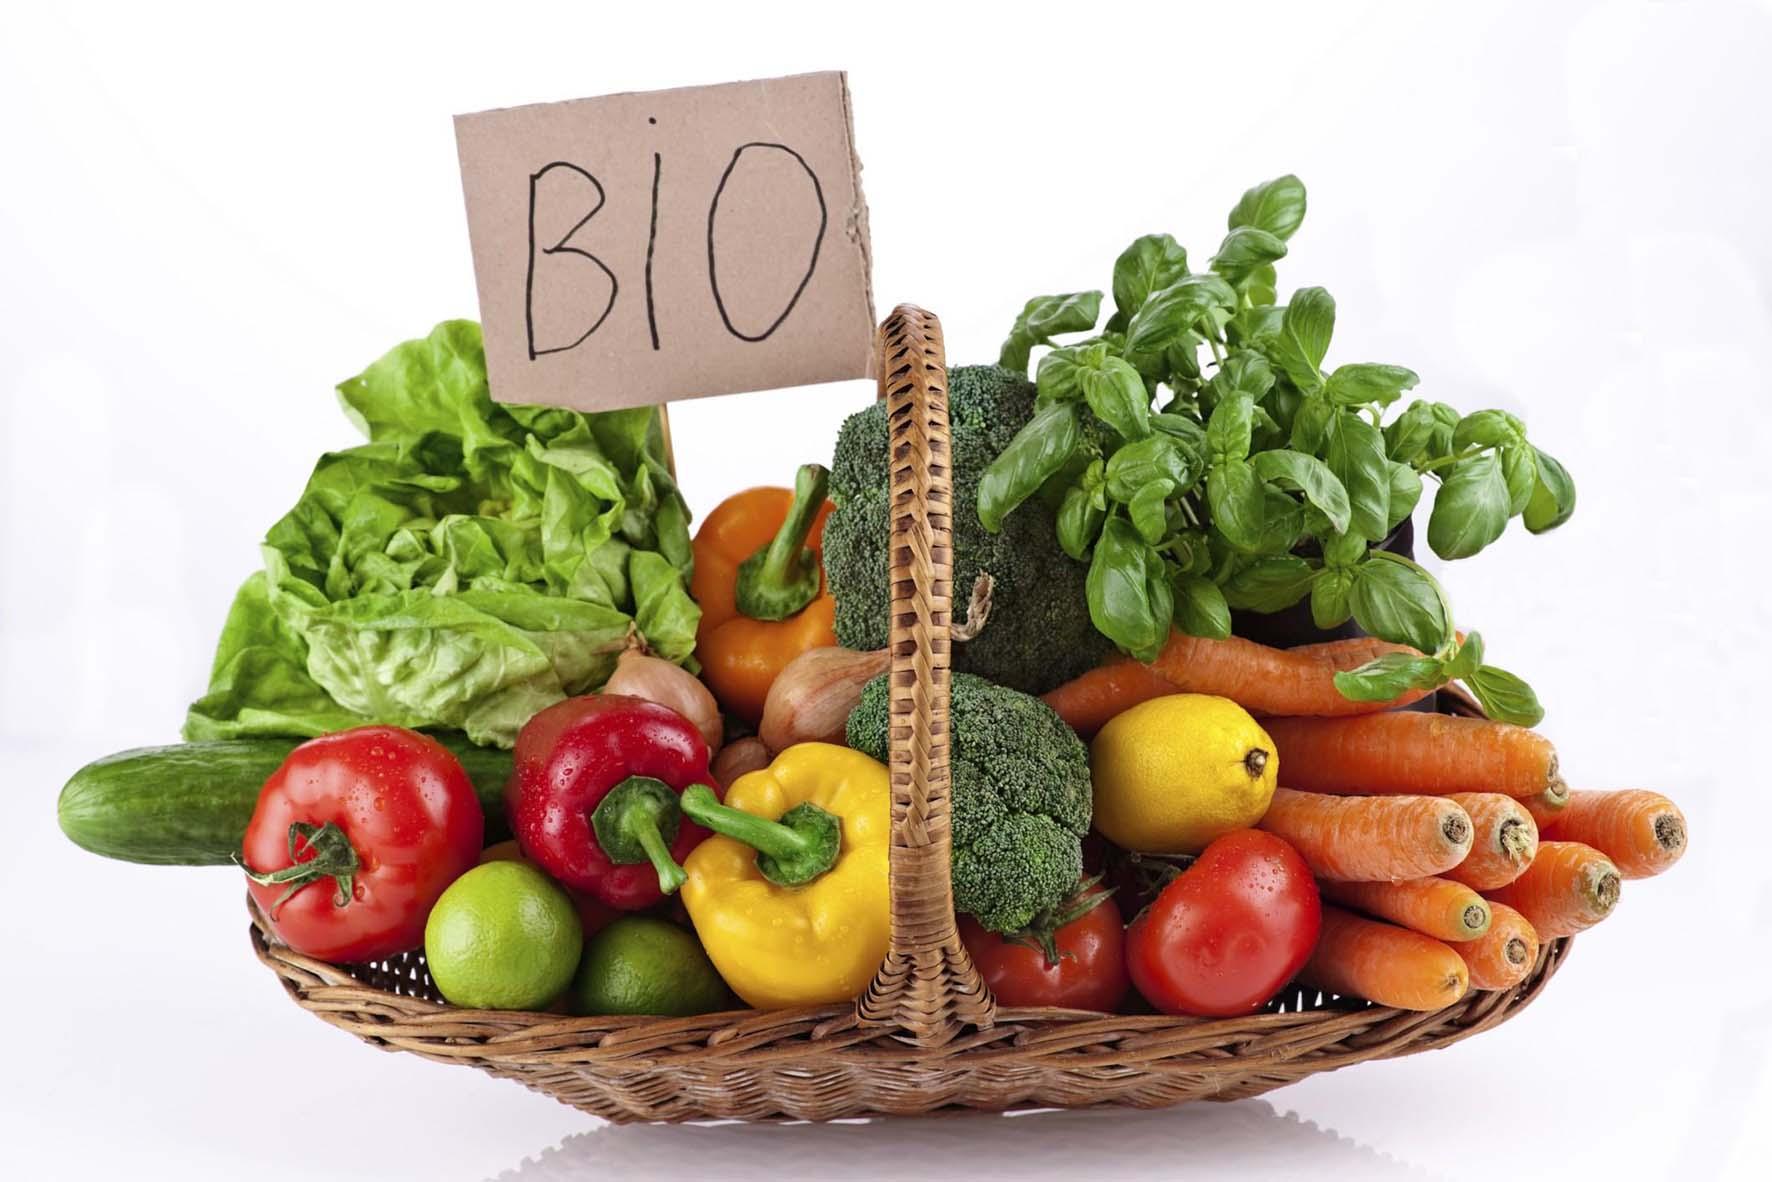 coltivazione bio cesta prodotti